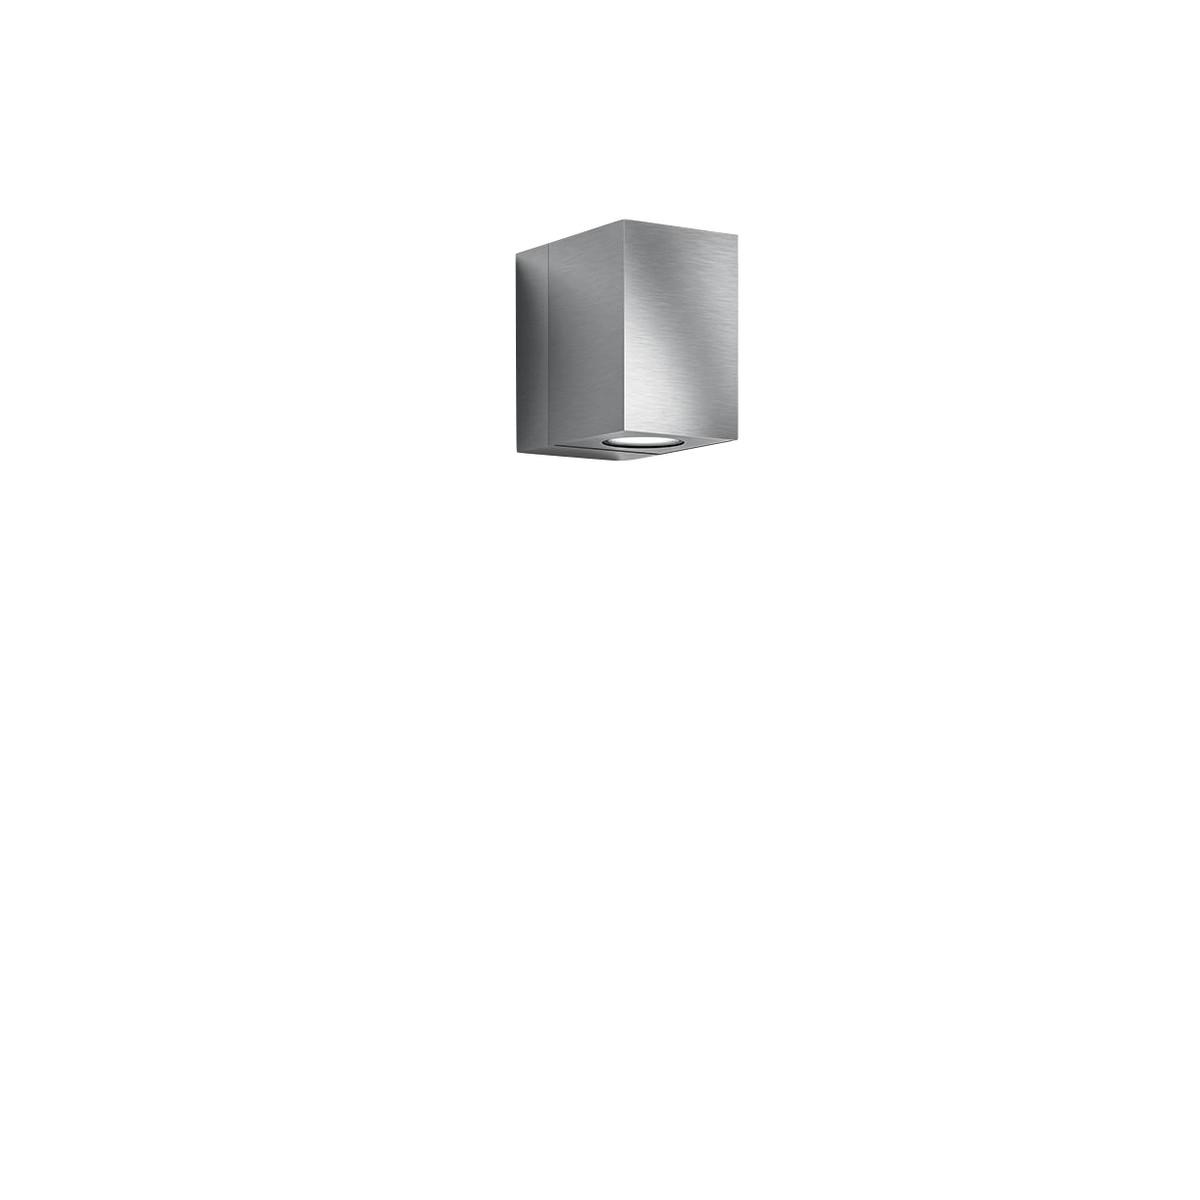 Quant il led lampe d 39 ext rieur for Lampe exterieur led